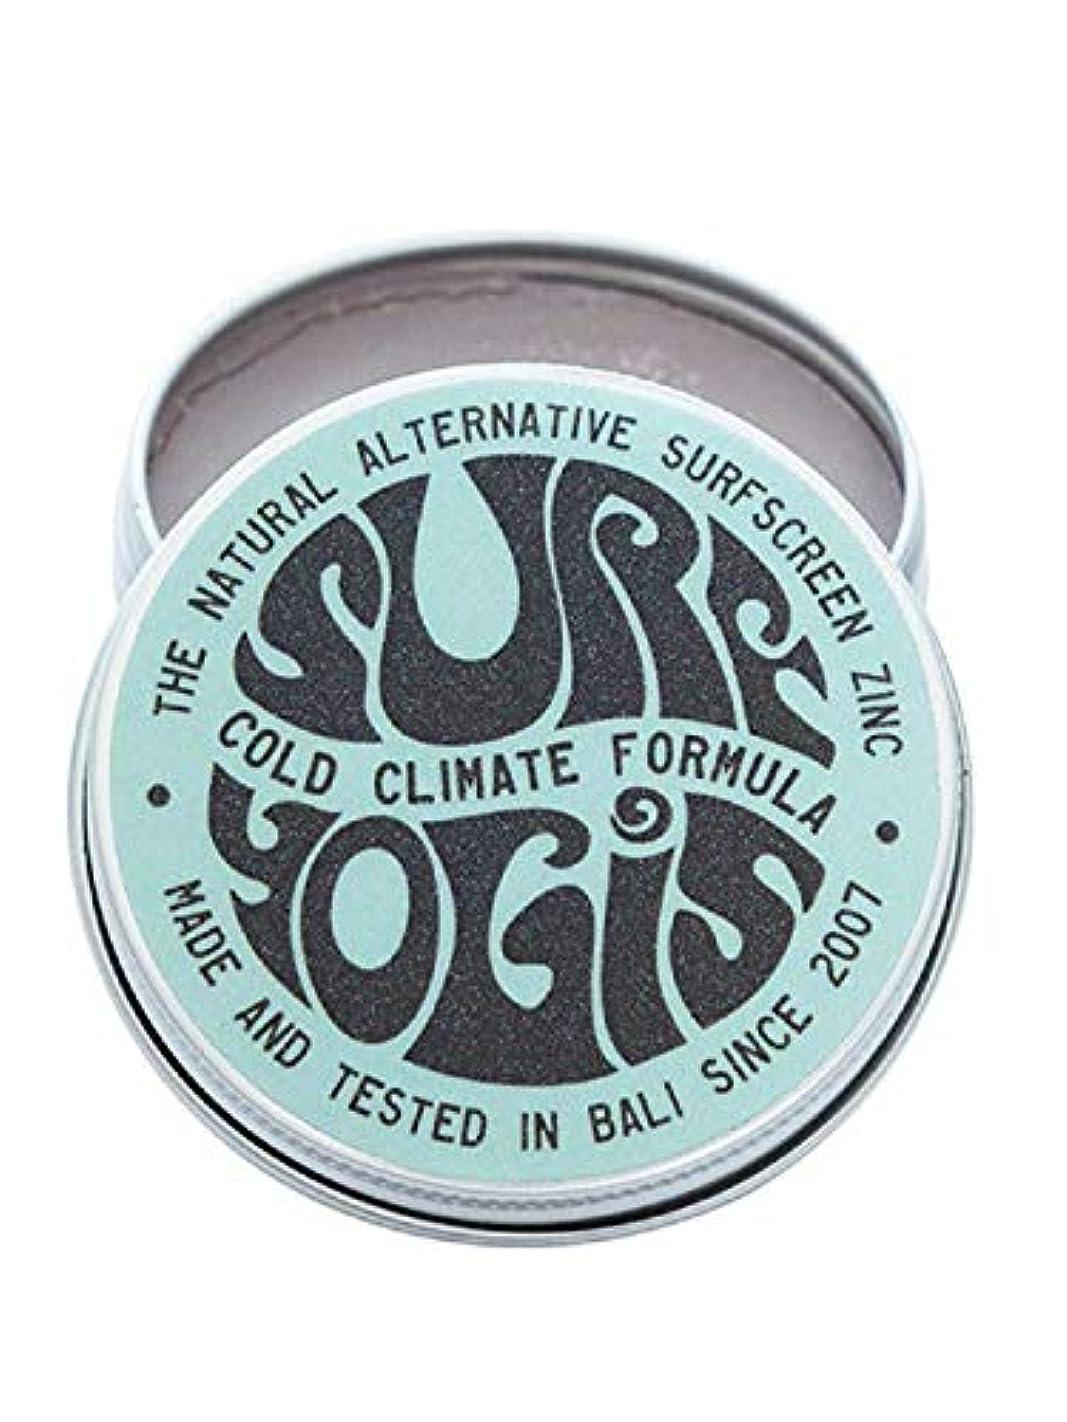 スクリーチ閉じる岩SURF YOGIS(サーフヨギ) ナチュラルサーフスクリーン COLD CLIMATE FORMULA フォーミュラ 冬用 柔らかめ 日焼け止め オーガニック素材 60g SPF50 ノンケミカル